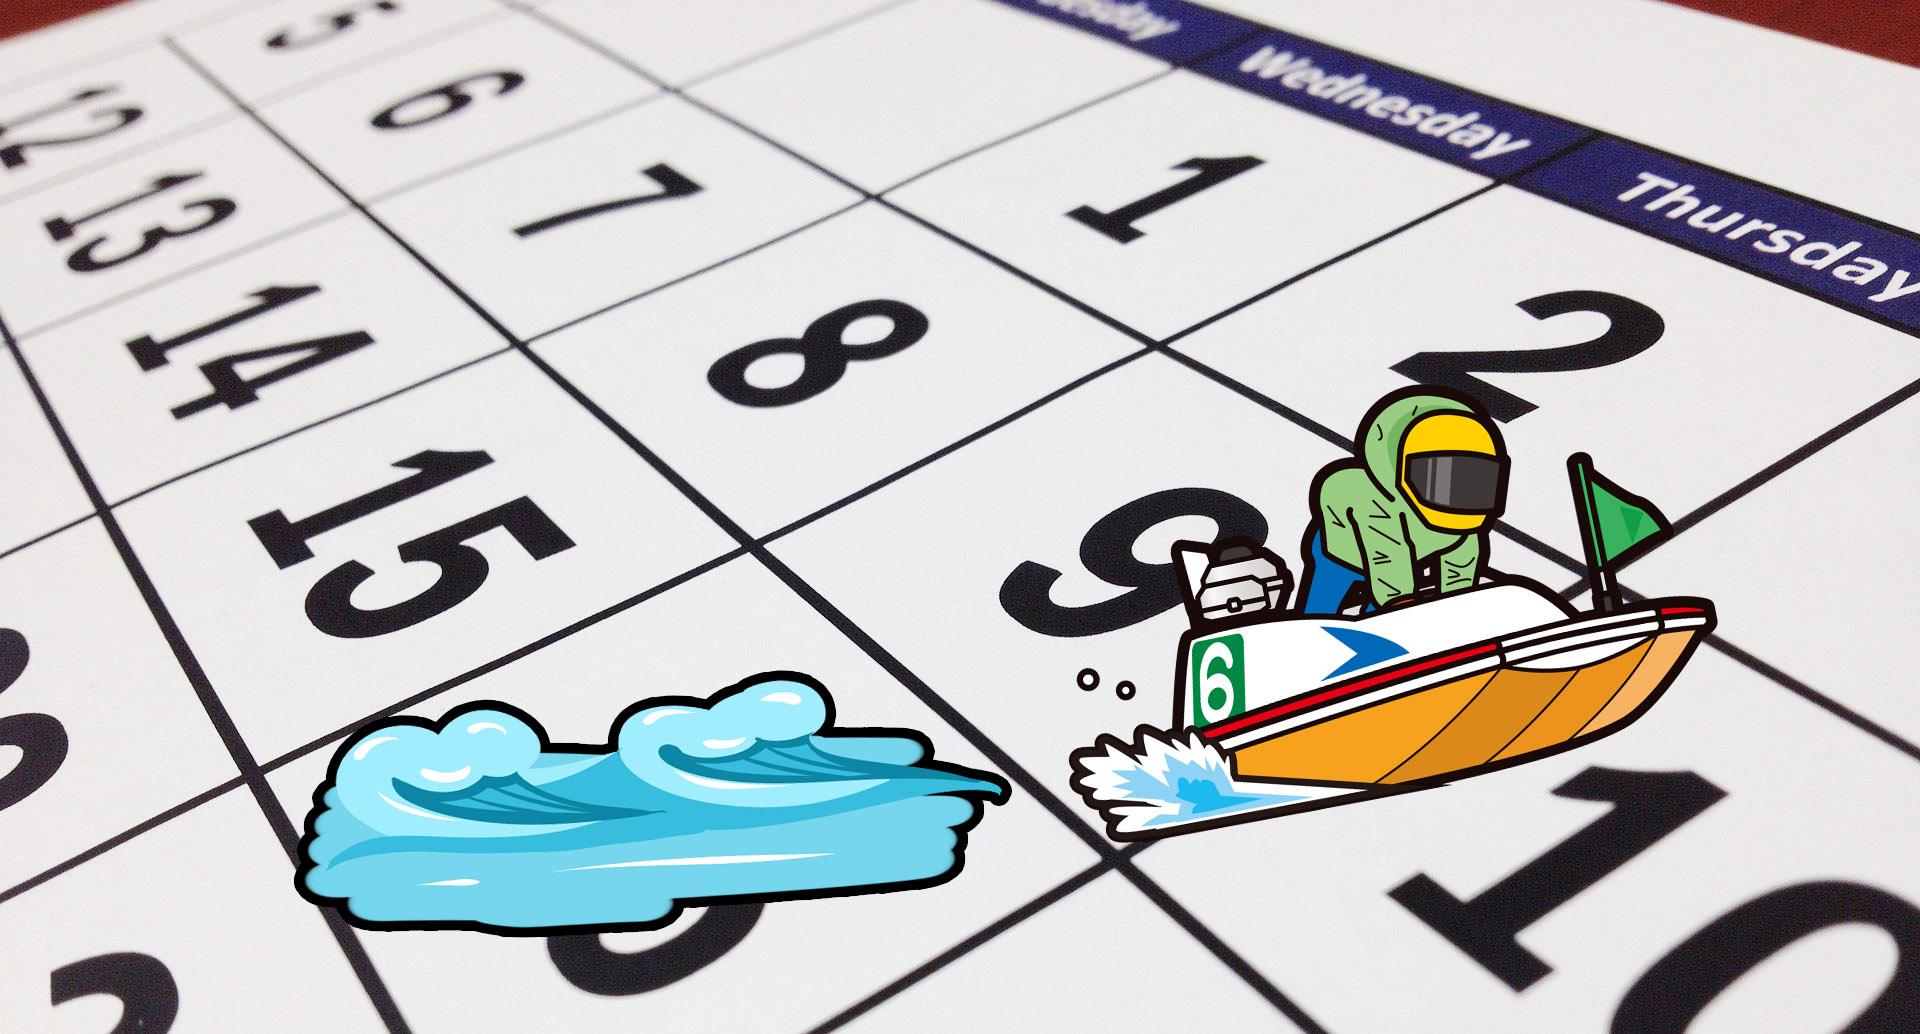 レース 開催 ボート ボートレース尼崎 Official